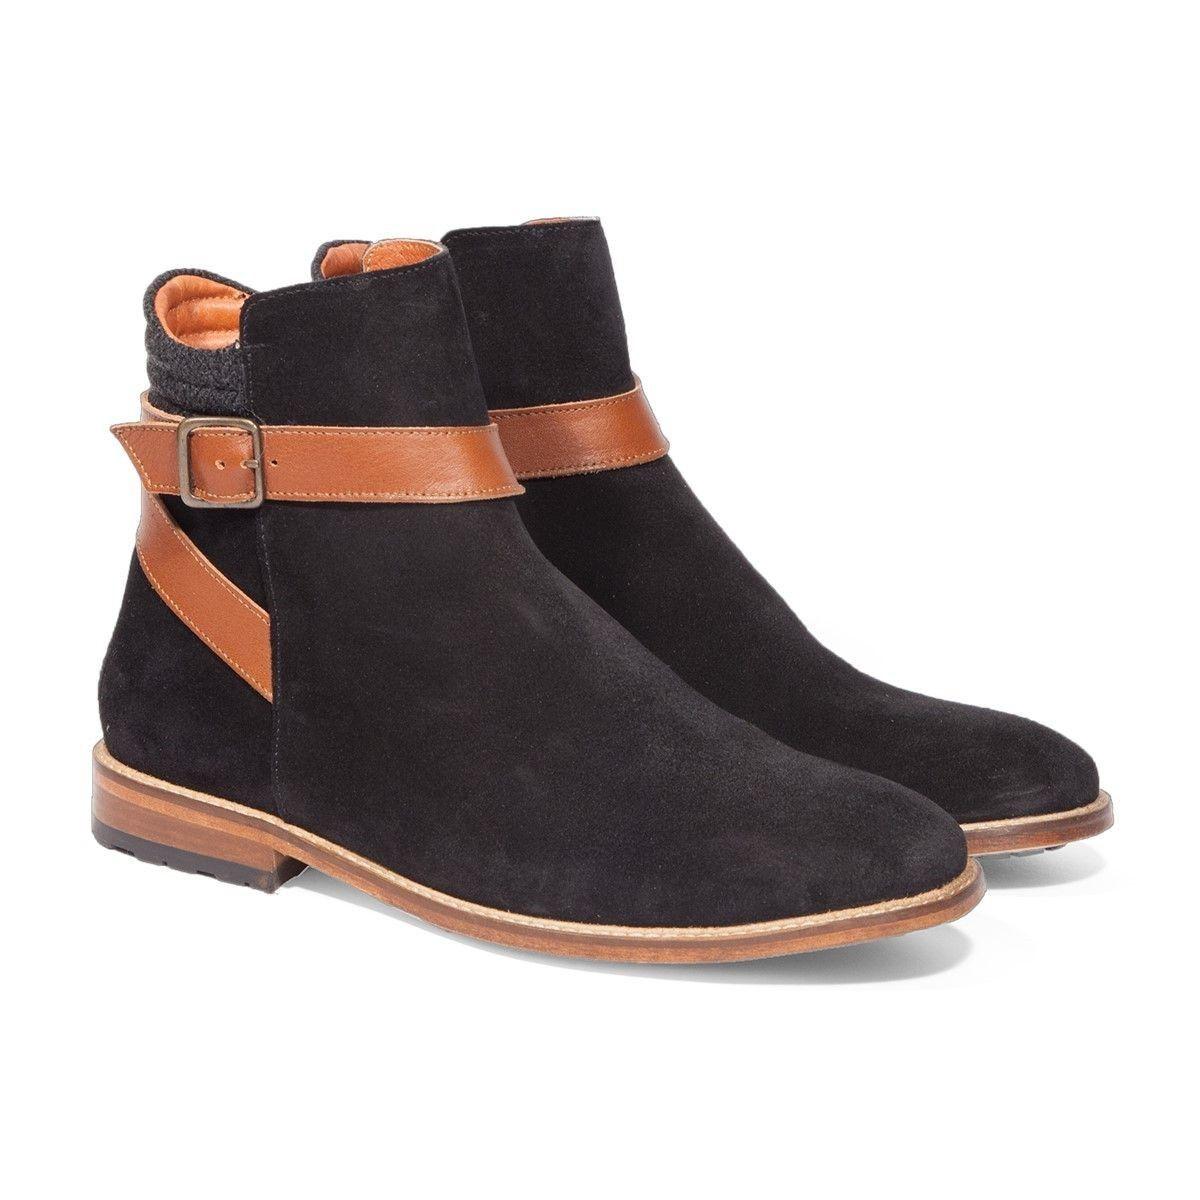 Chaussures en Daim noir - Bottines à Boucle - M. MOUSTACHE - Mode |  Conseils Mode